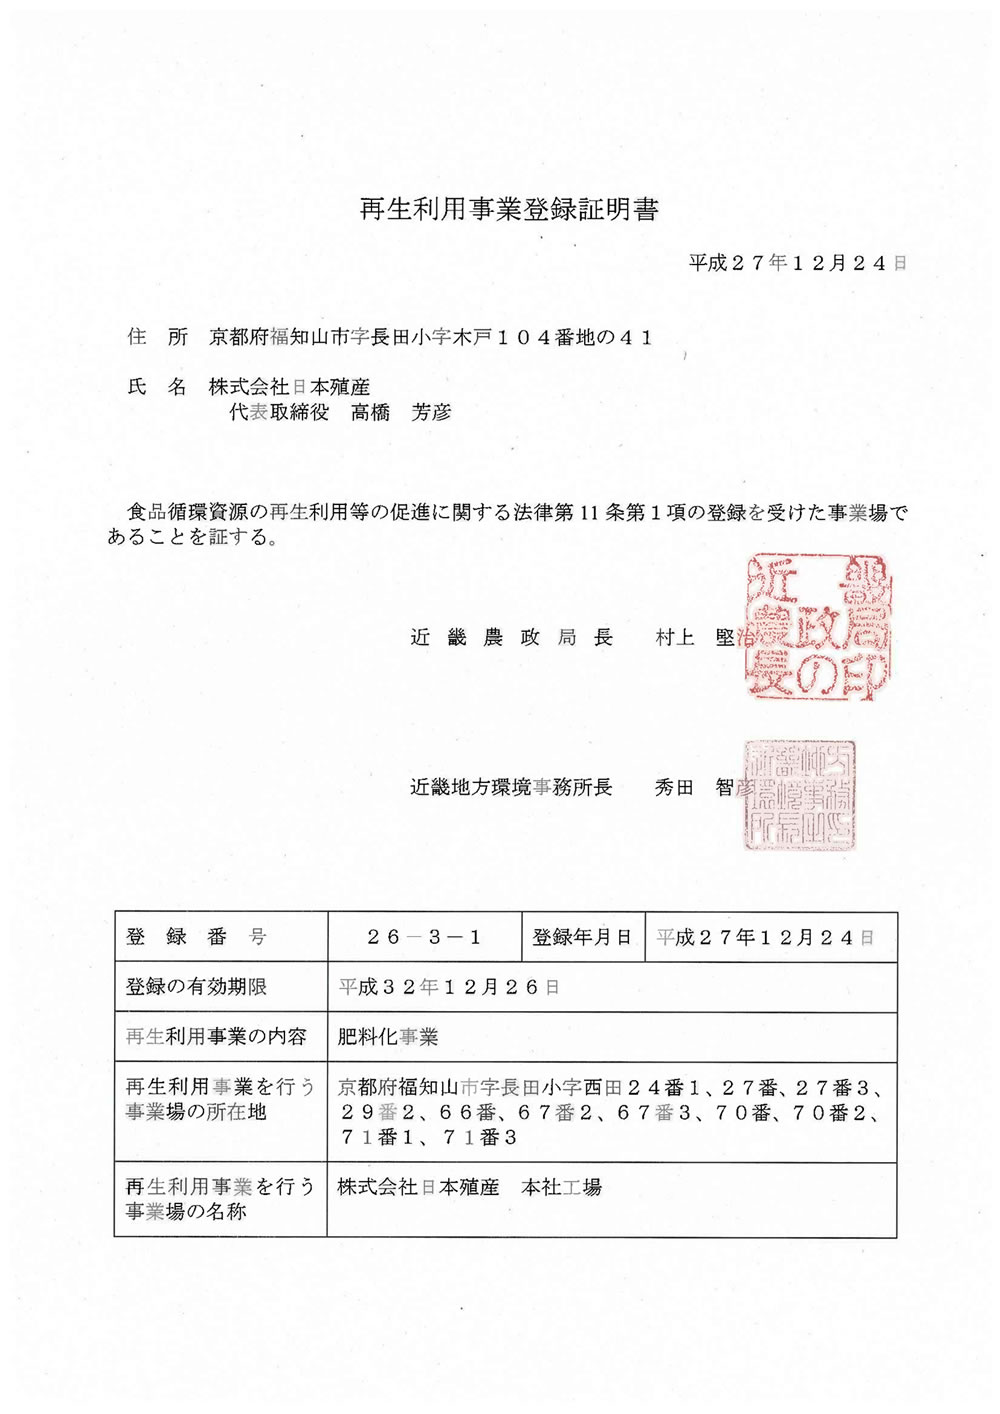 再生利用事業登録証明書